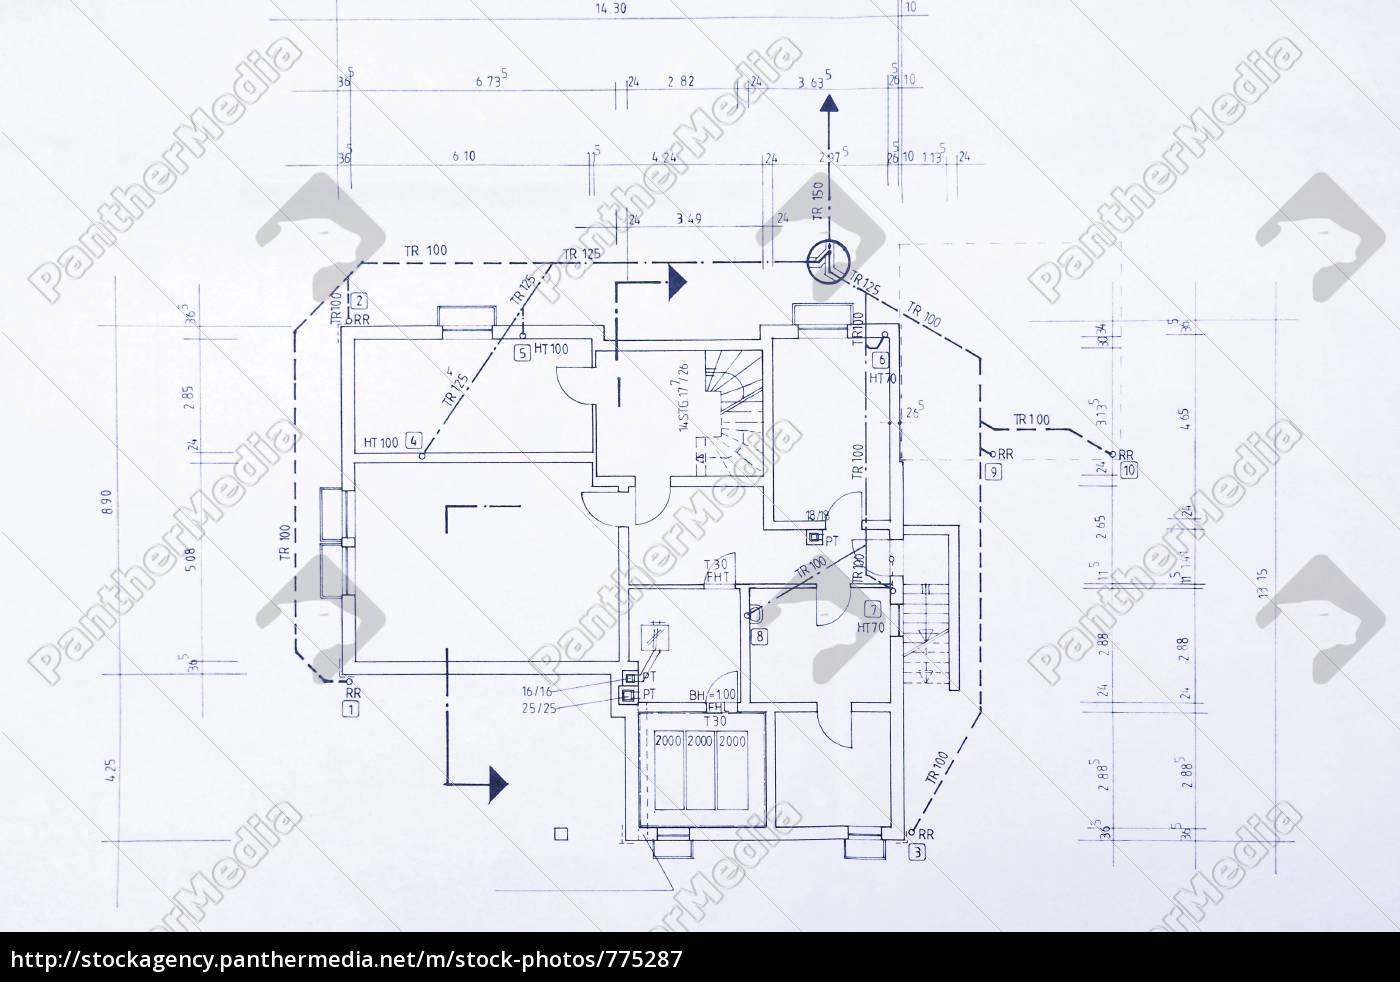 plan - 775287